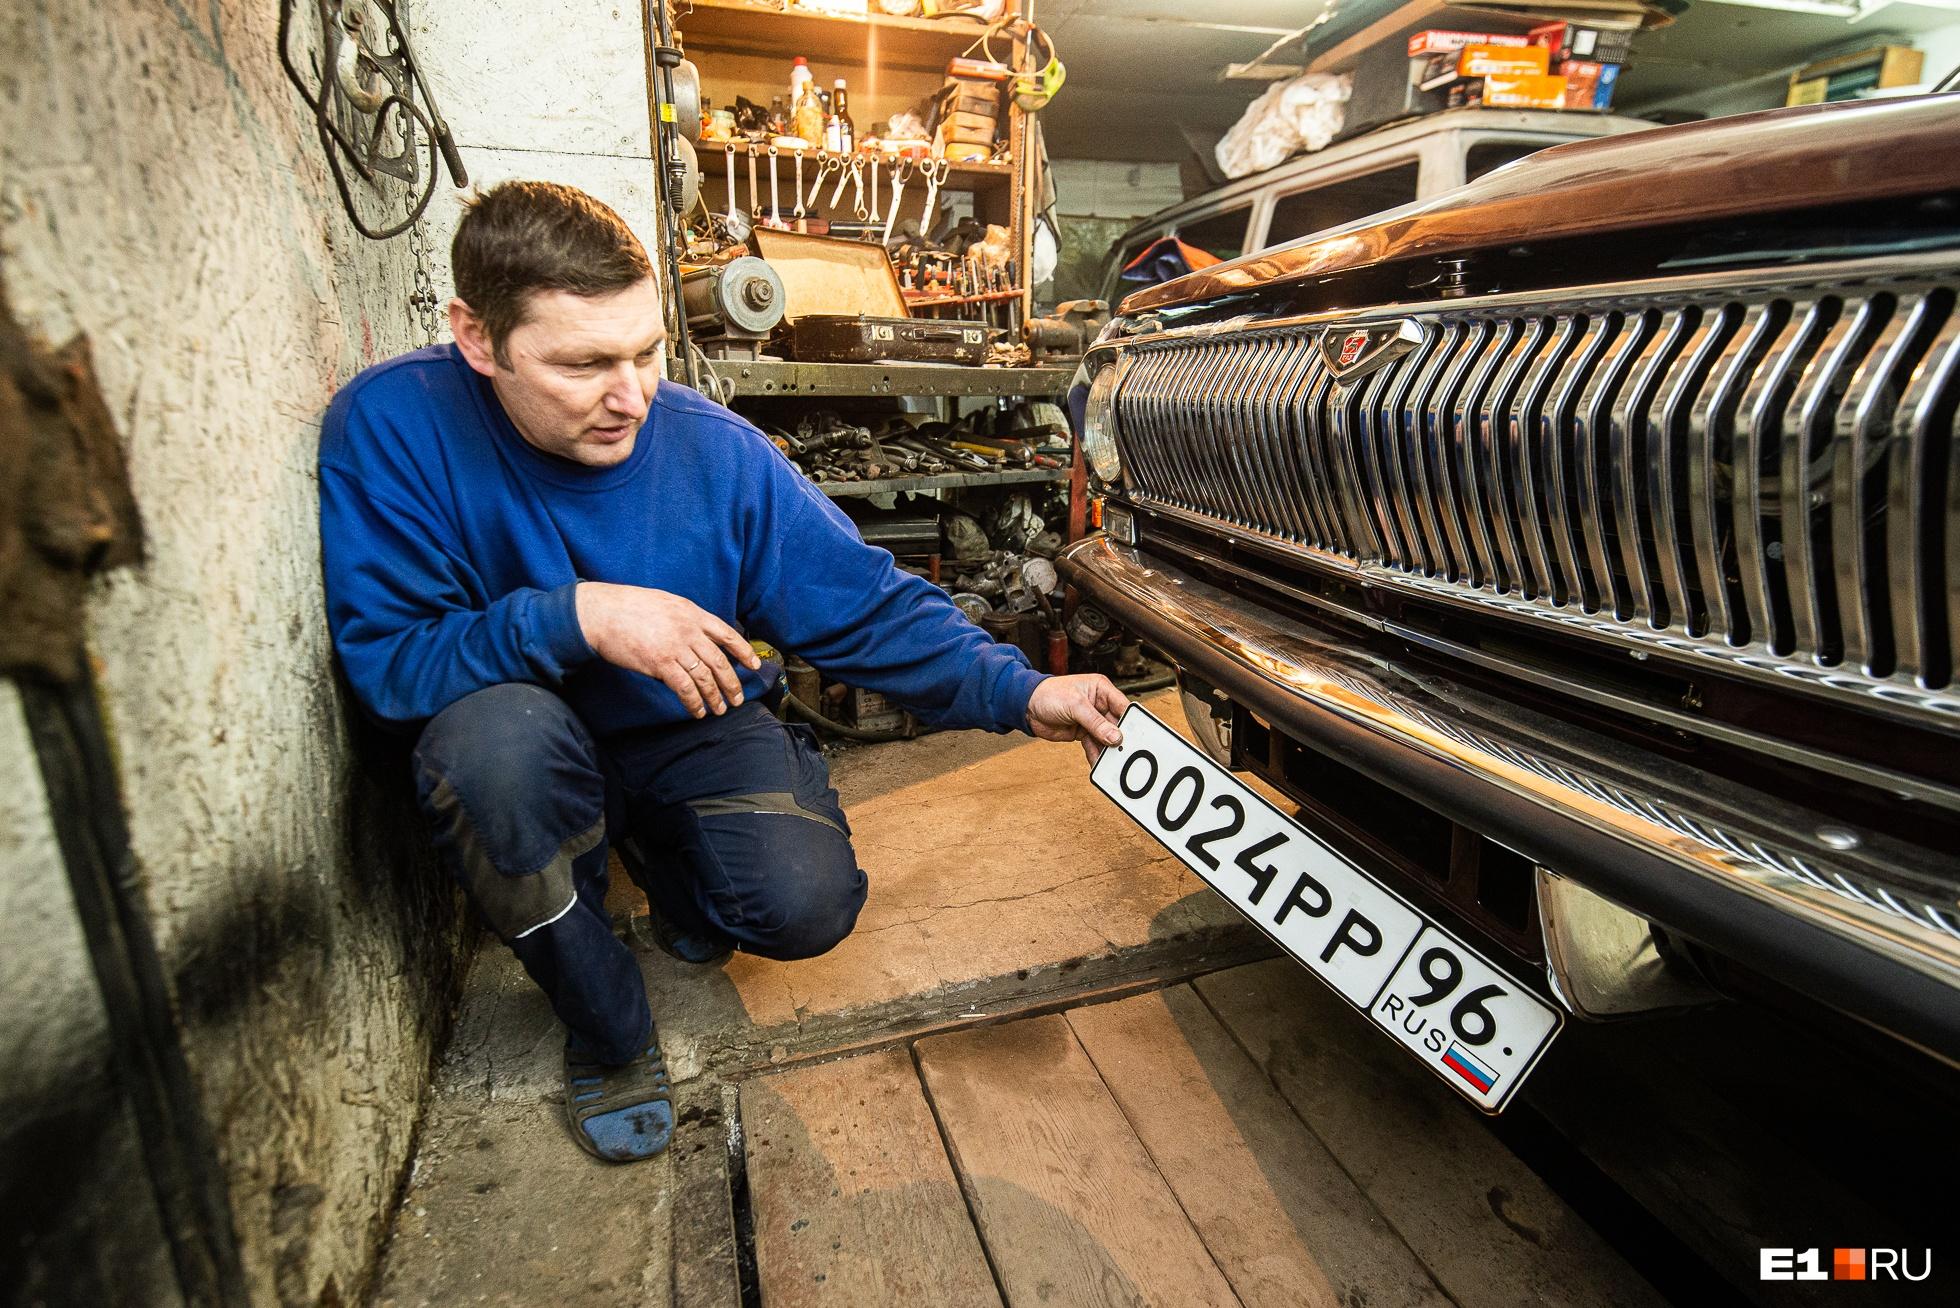 Реставратор машин Алексей Смирнов — большой фанат «Волг». Сам он передвигается на 21-й модели